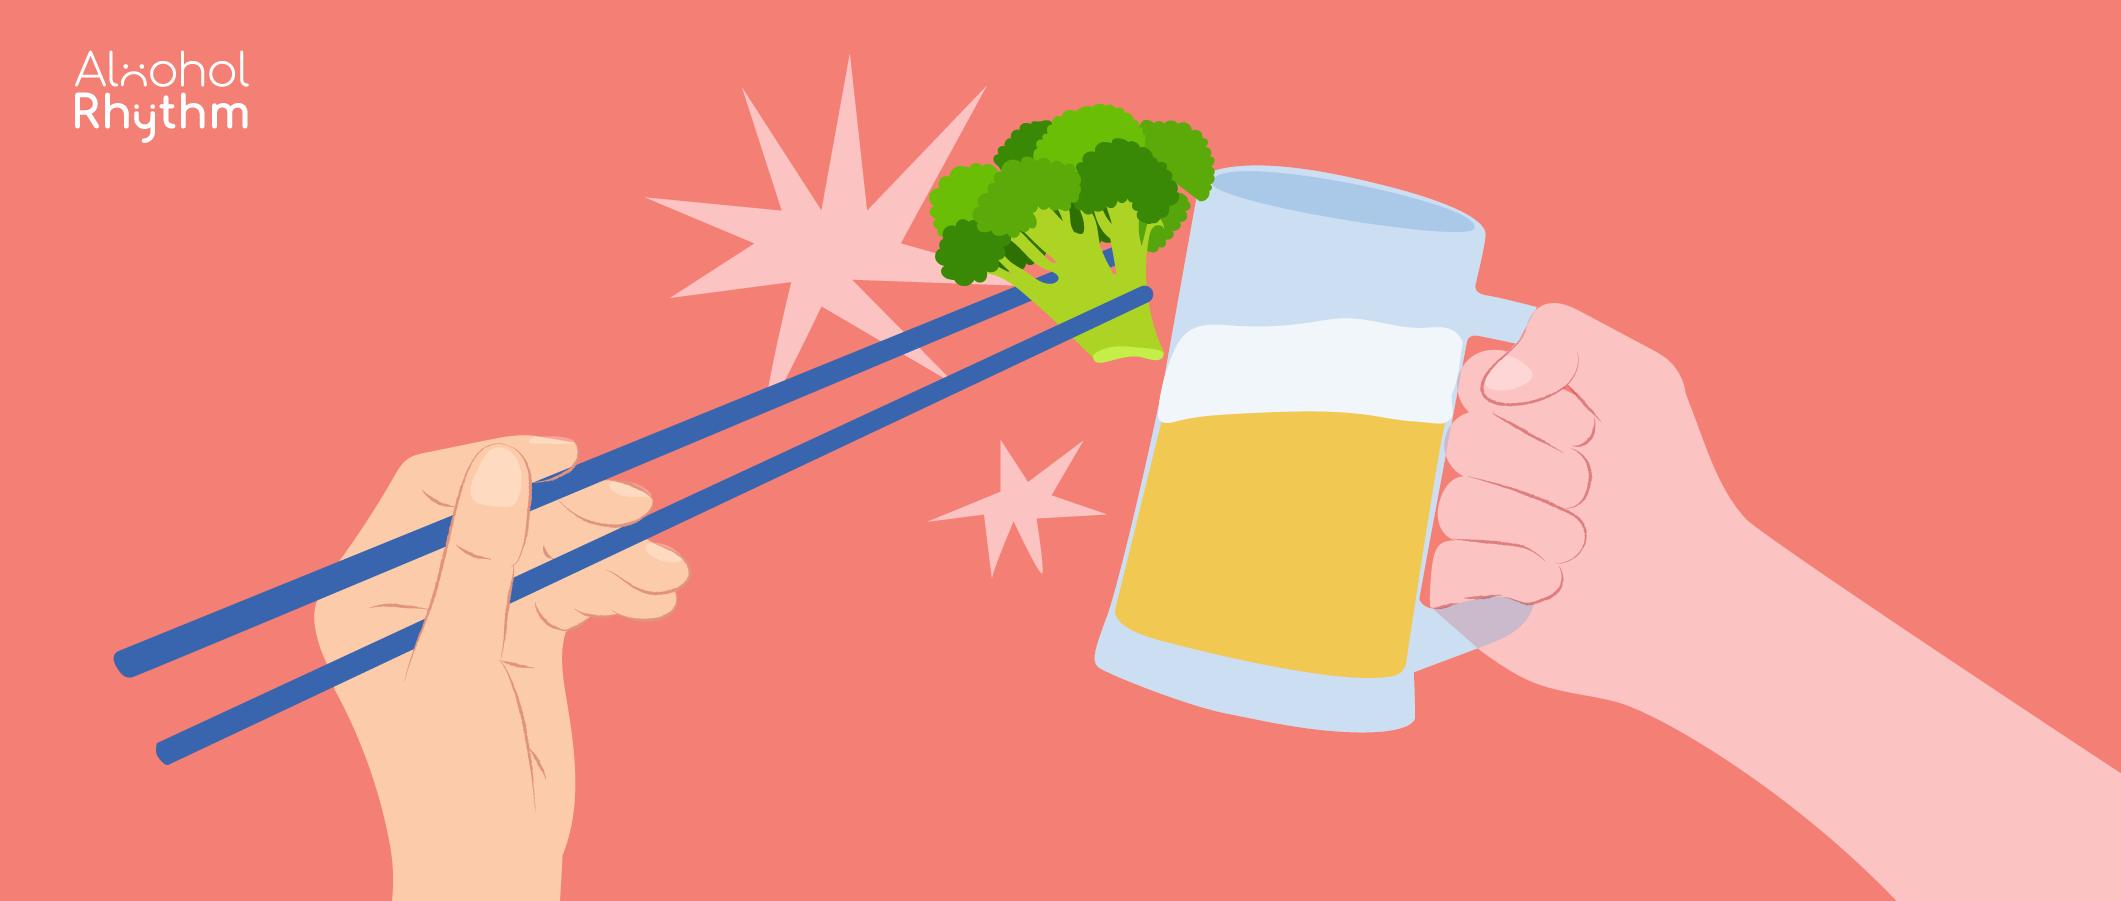 """""""ดื่มเพื่อสุขภาพ(?)"""" เมื่อยีนส่งผลให้แอลกอฮอล์ออกฤทธิ์กับคนแตกต่างกัน"""